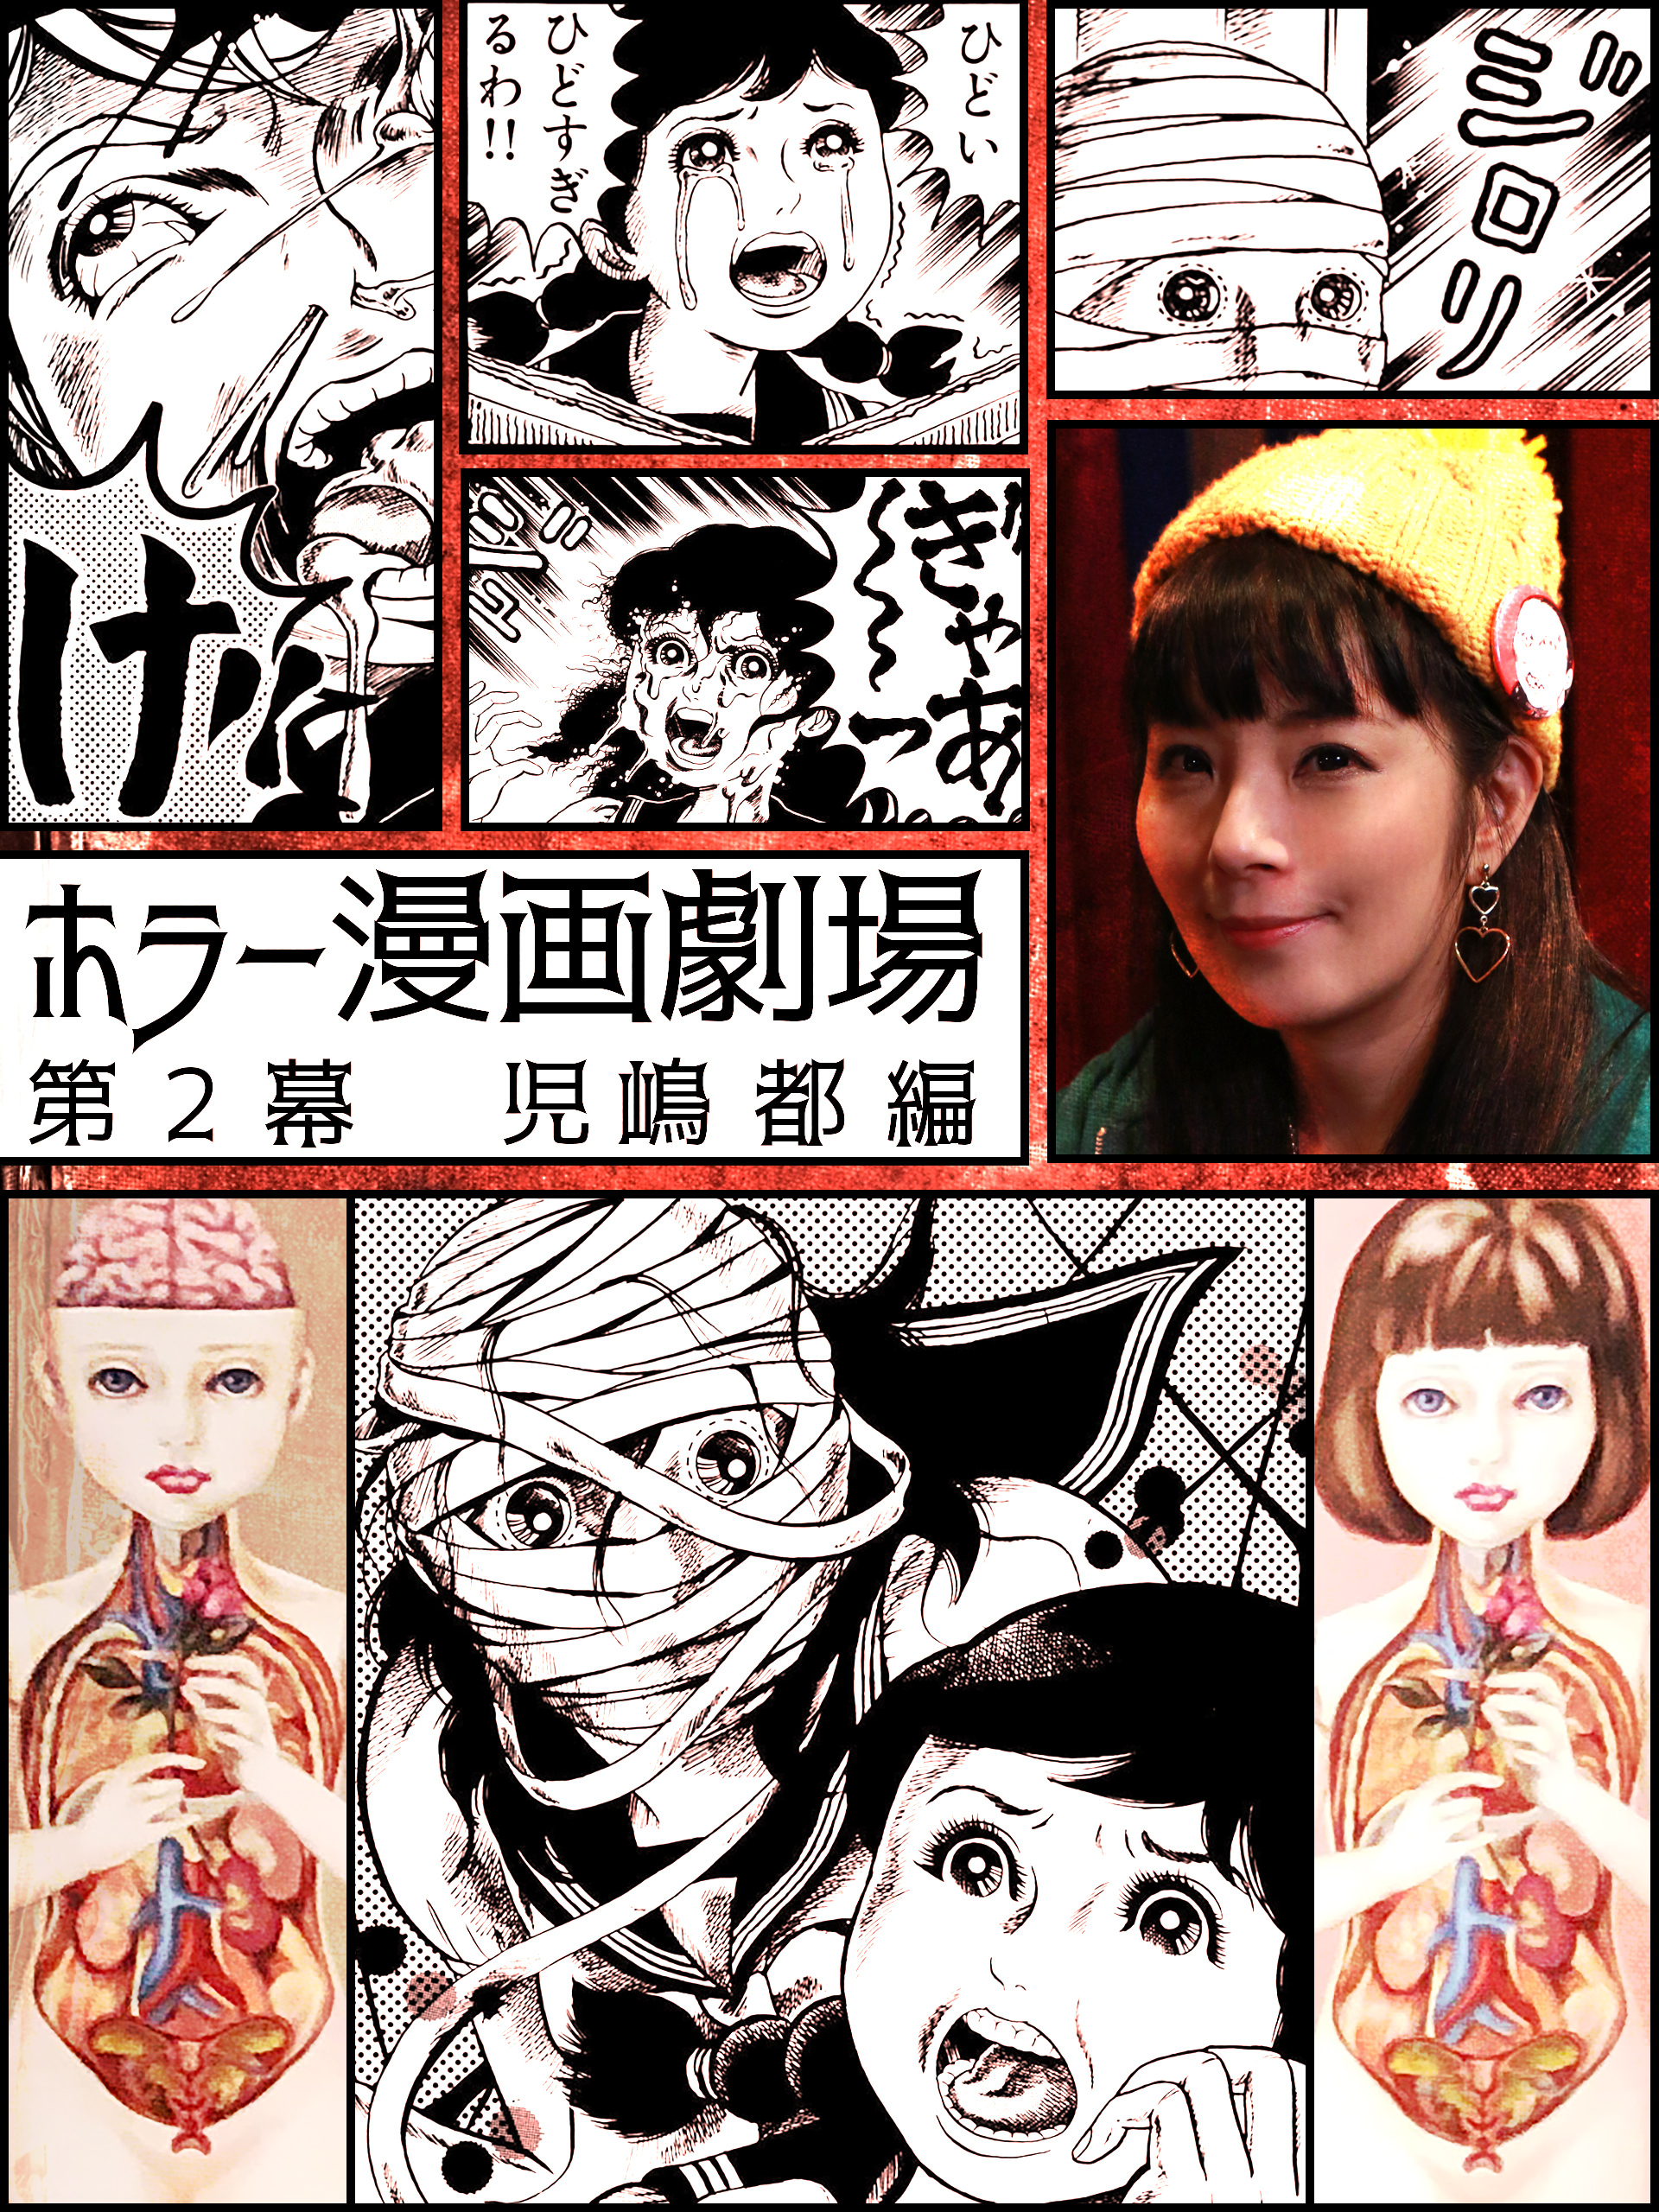 ホラー漫画劇場 第2幕 児嶋都編